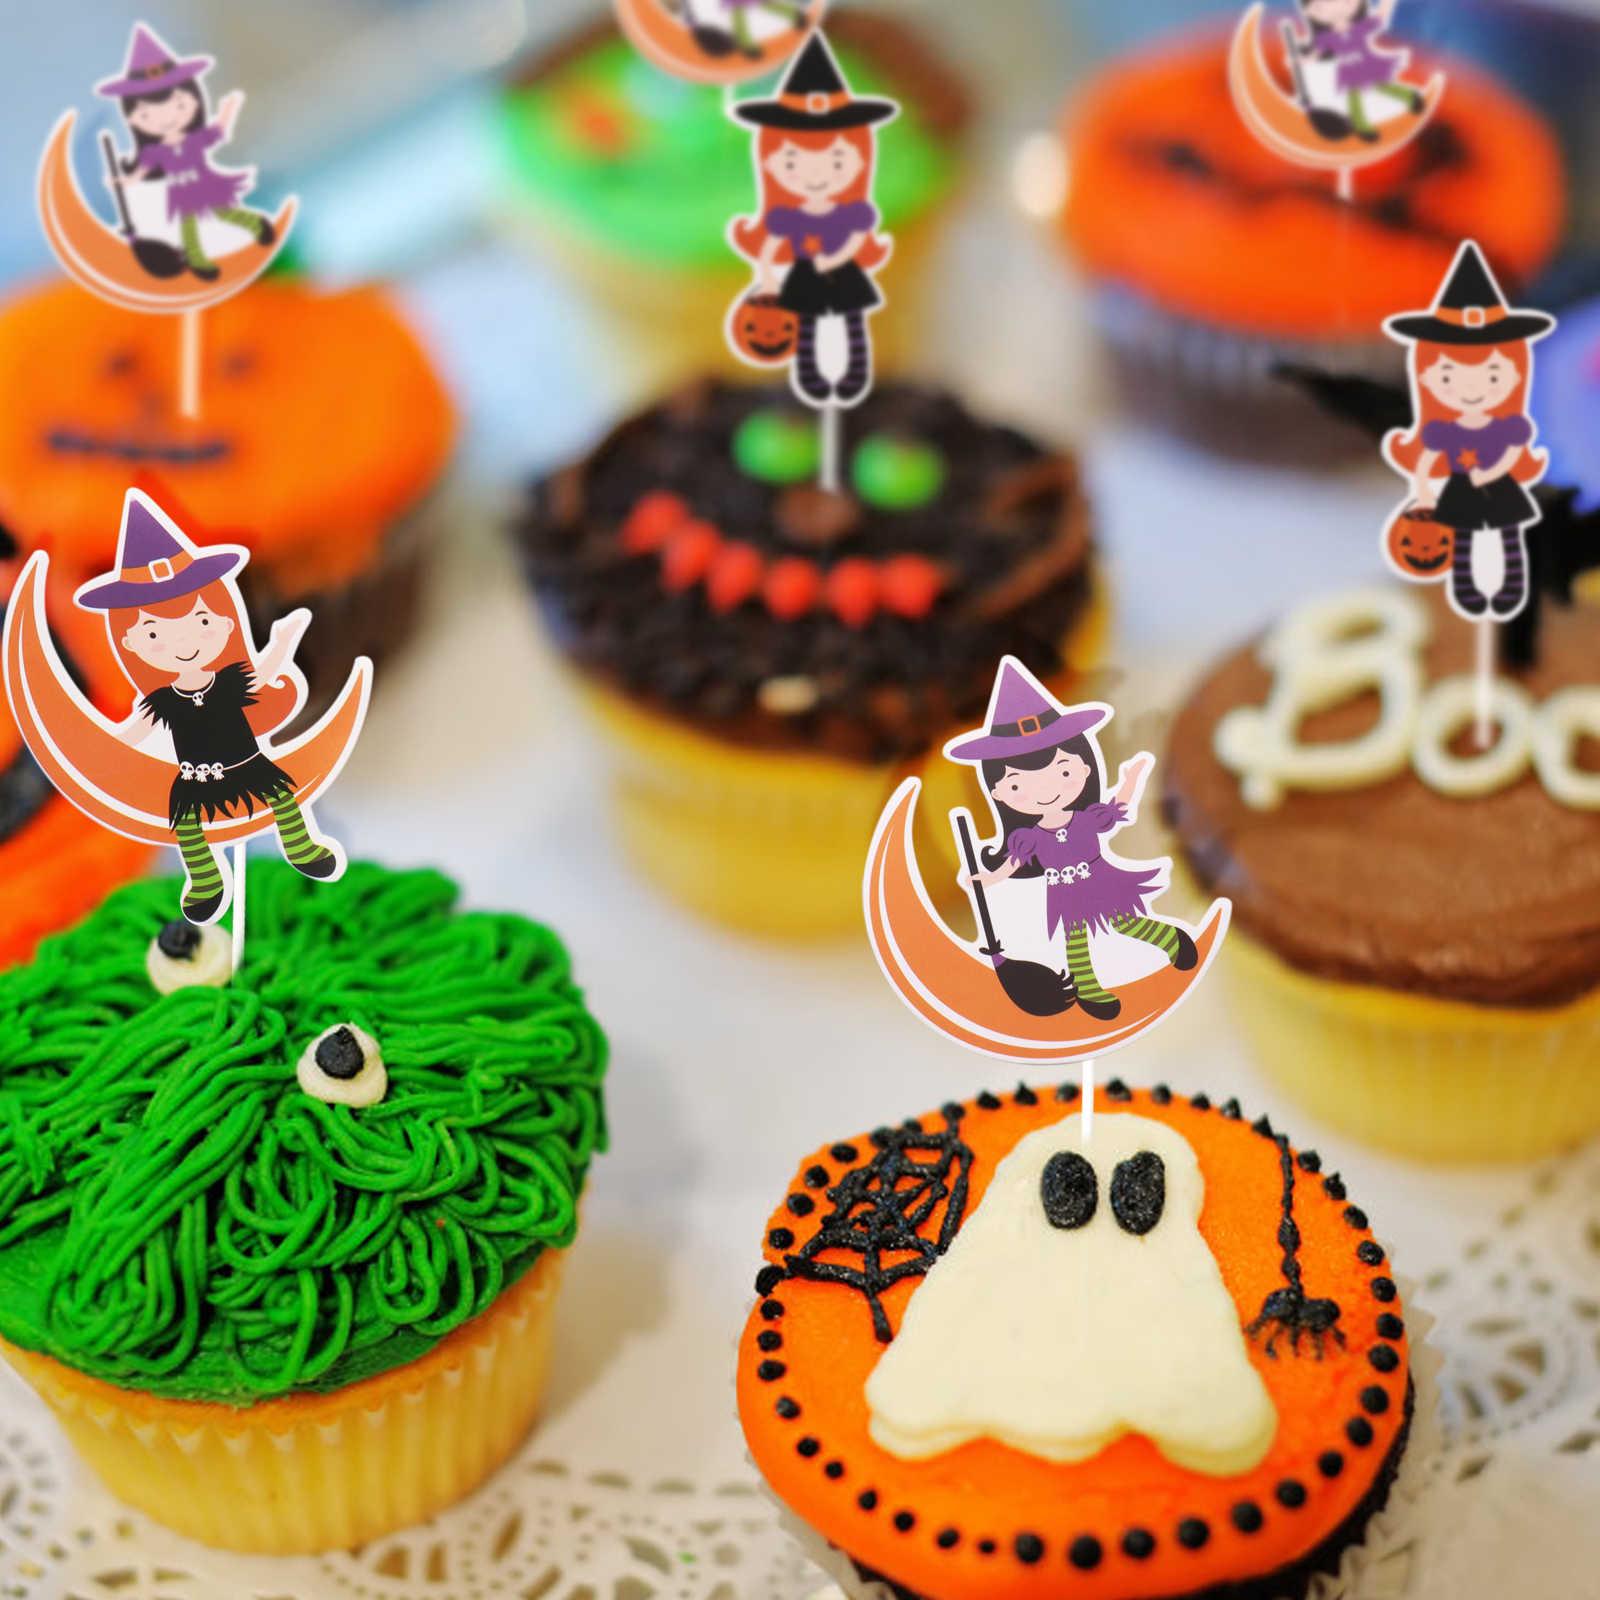 3 יח'\סט ליל כל הקדושים עוגת טופר Ghost פסטיבל מכשפה ghost עכביש גולגולת עוגת cupcake טופר פסטיבל DIY עוגת קישוטים